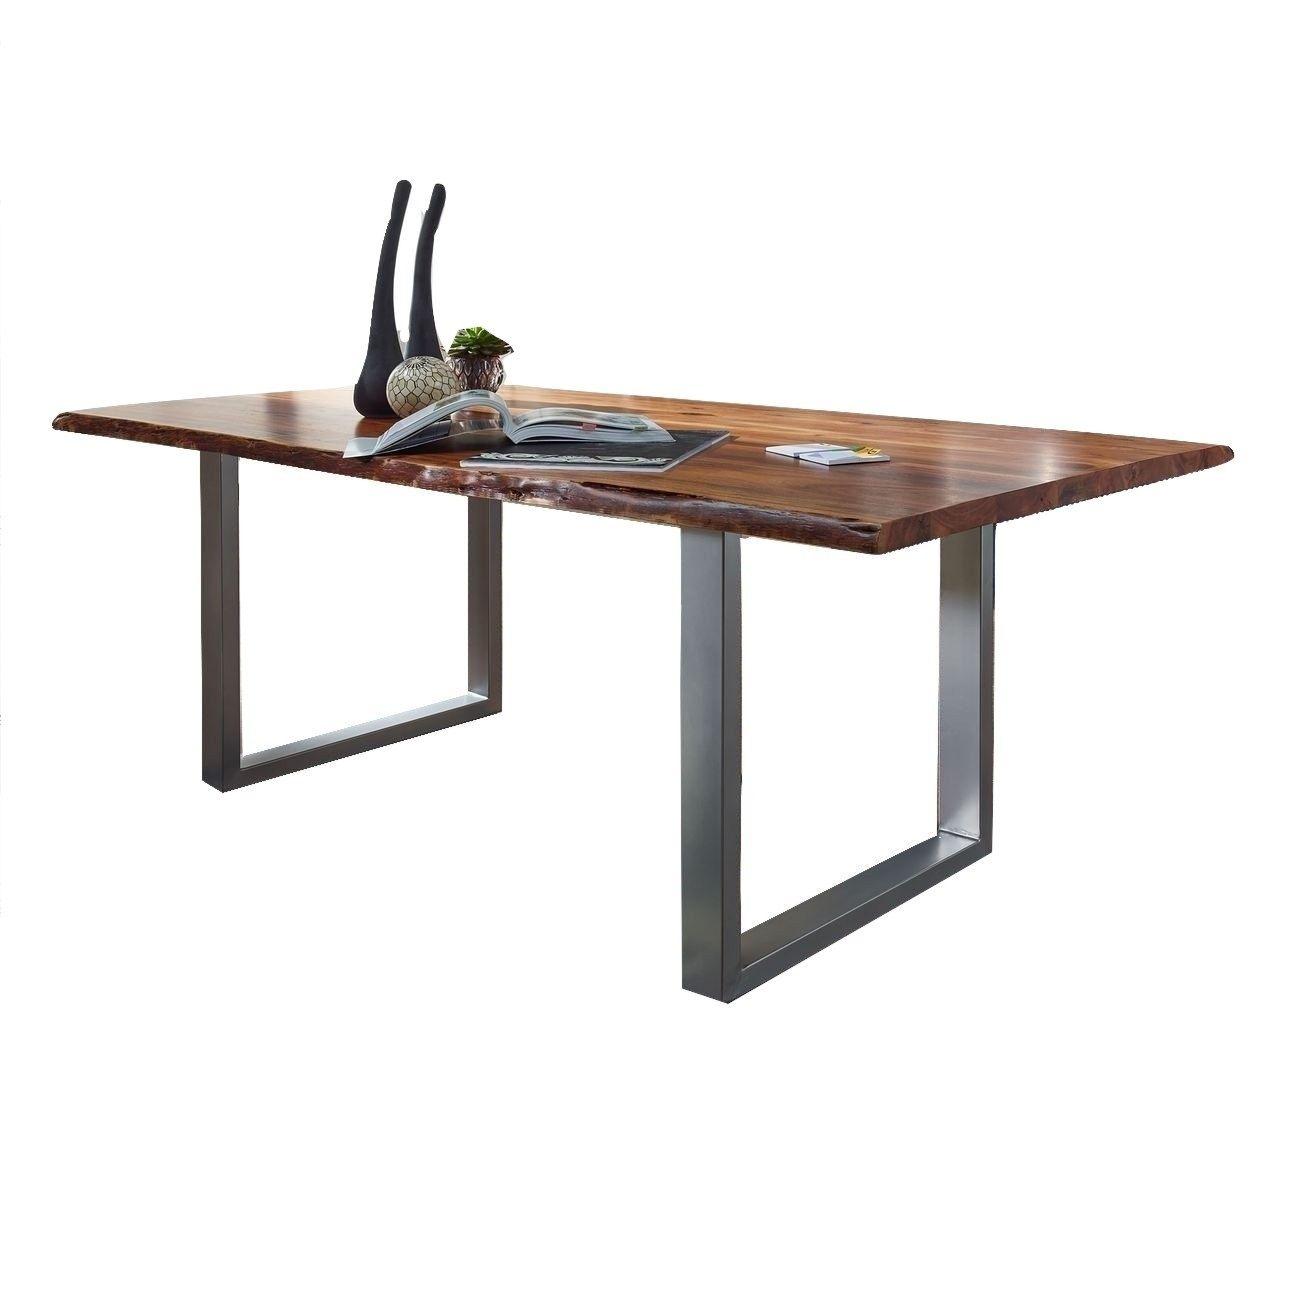 Table À Dîner En Bois D'acacia  À Partir De 795$  Room Ideas And Unique Slim Dining Room Tables 2018